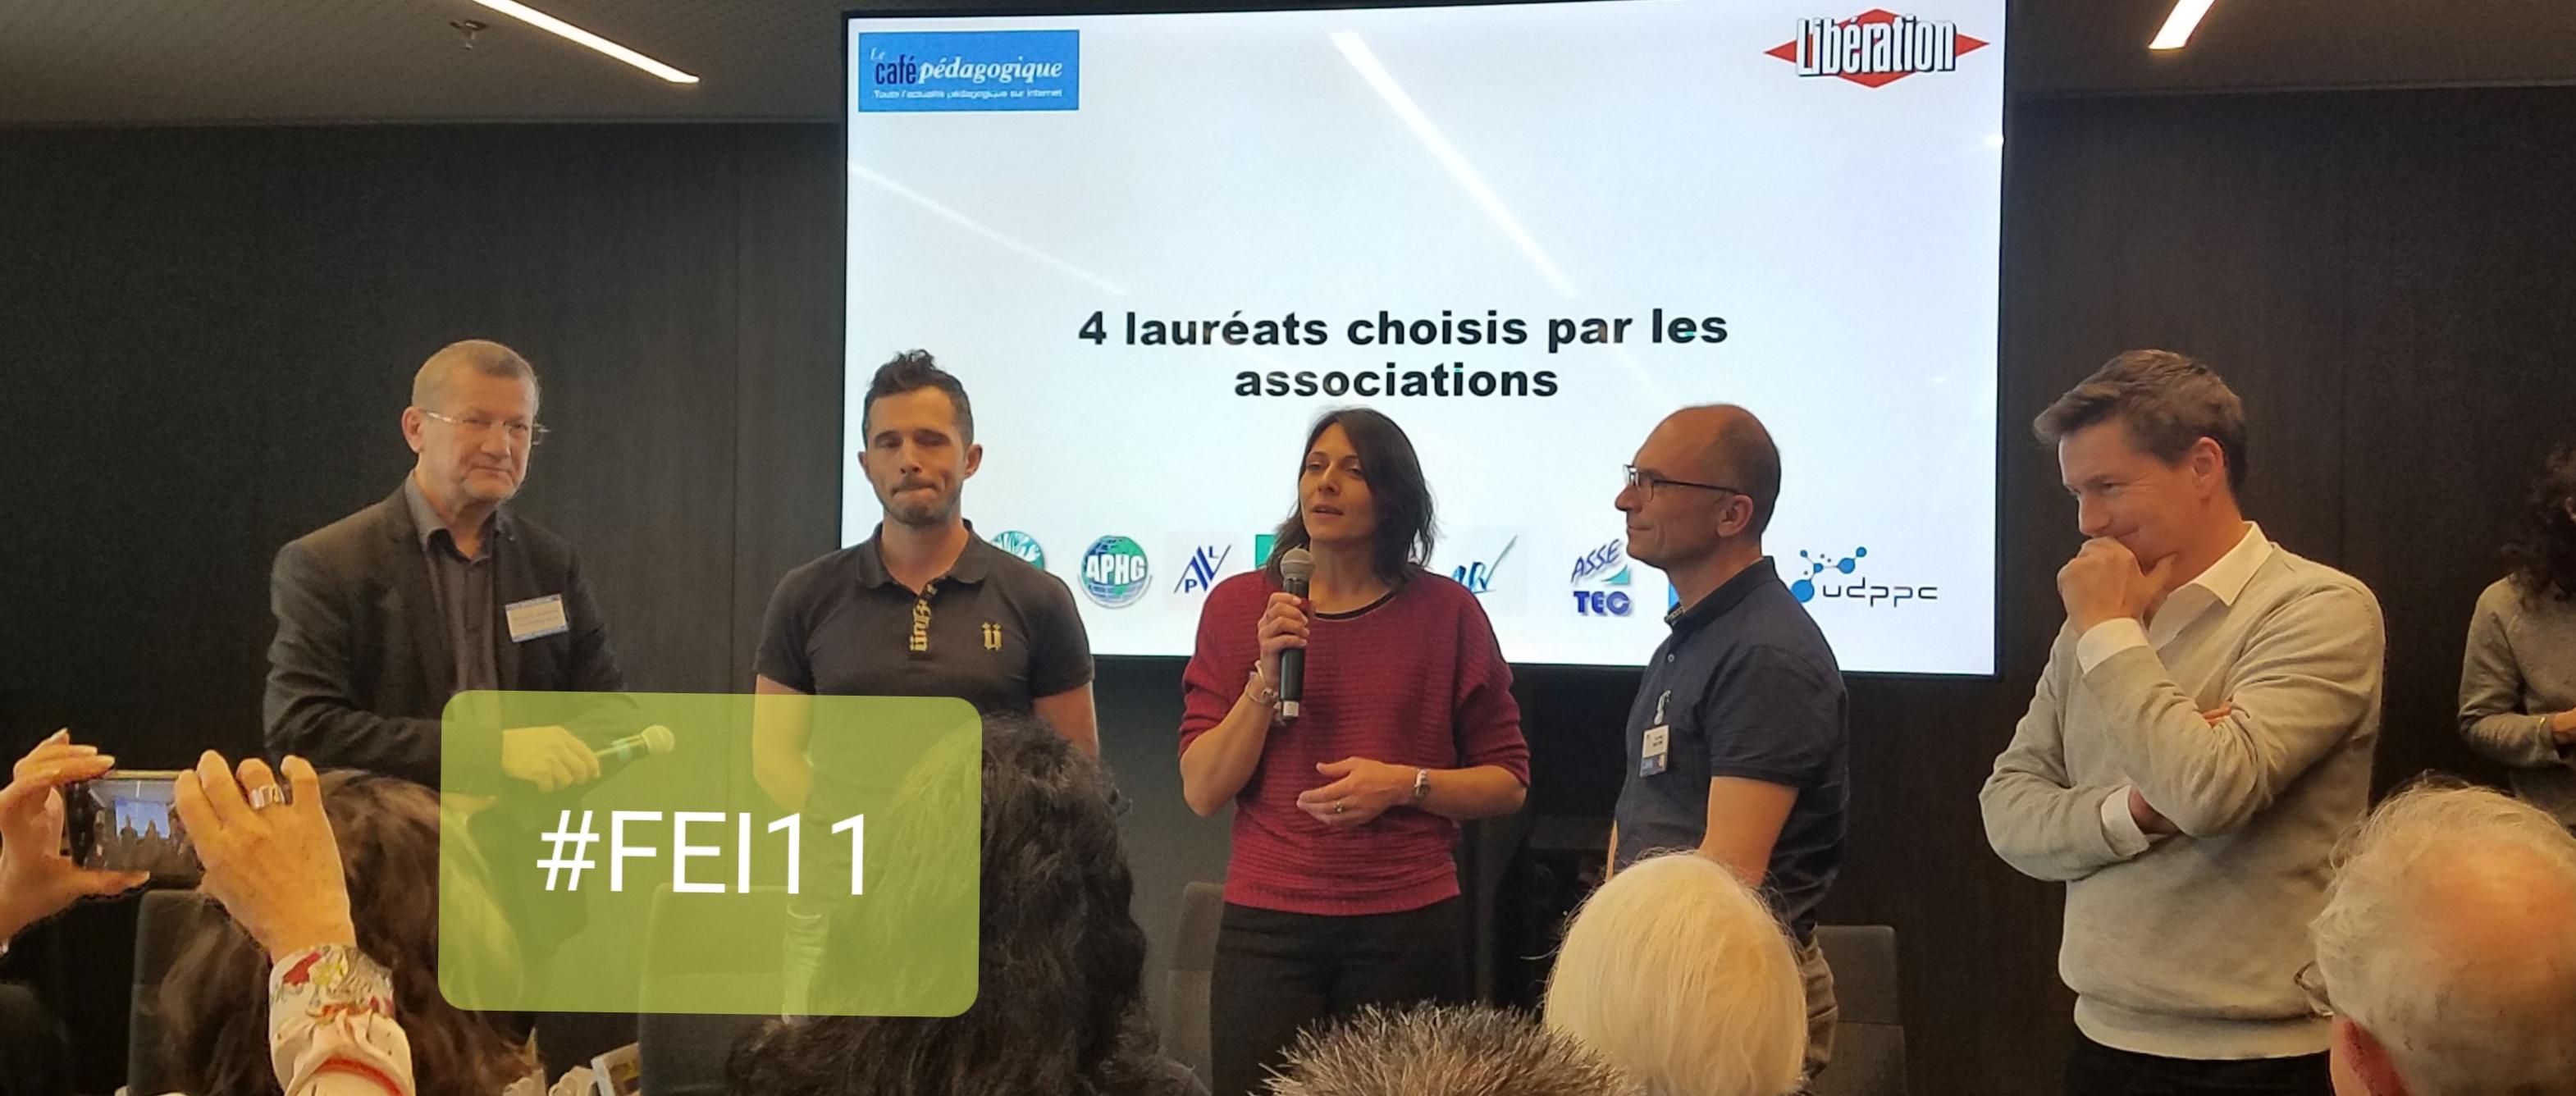 11ème Forum des Enseignants Innovants – Café pédagogique